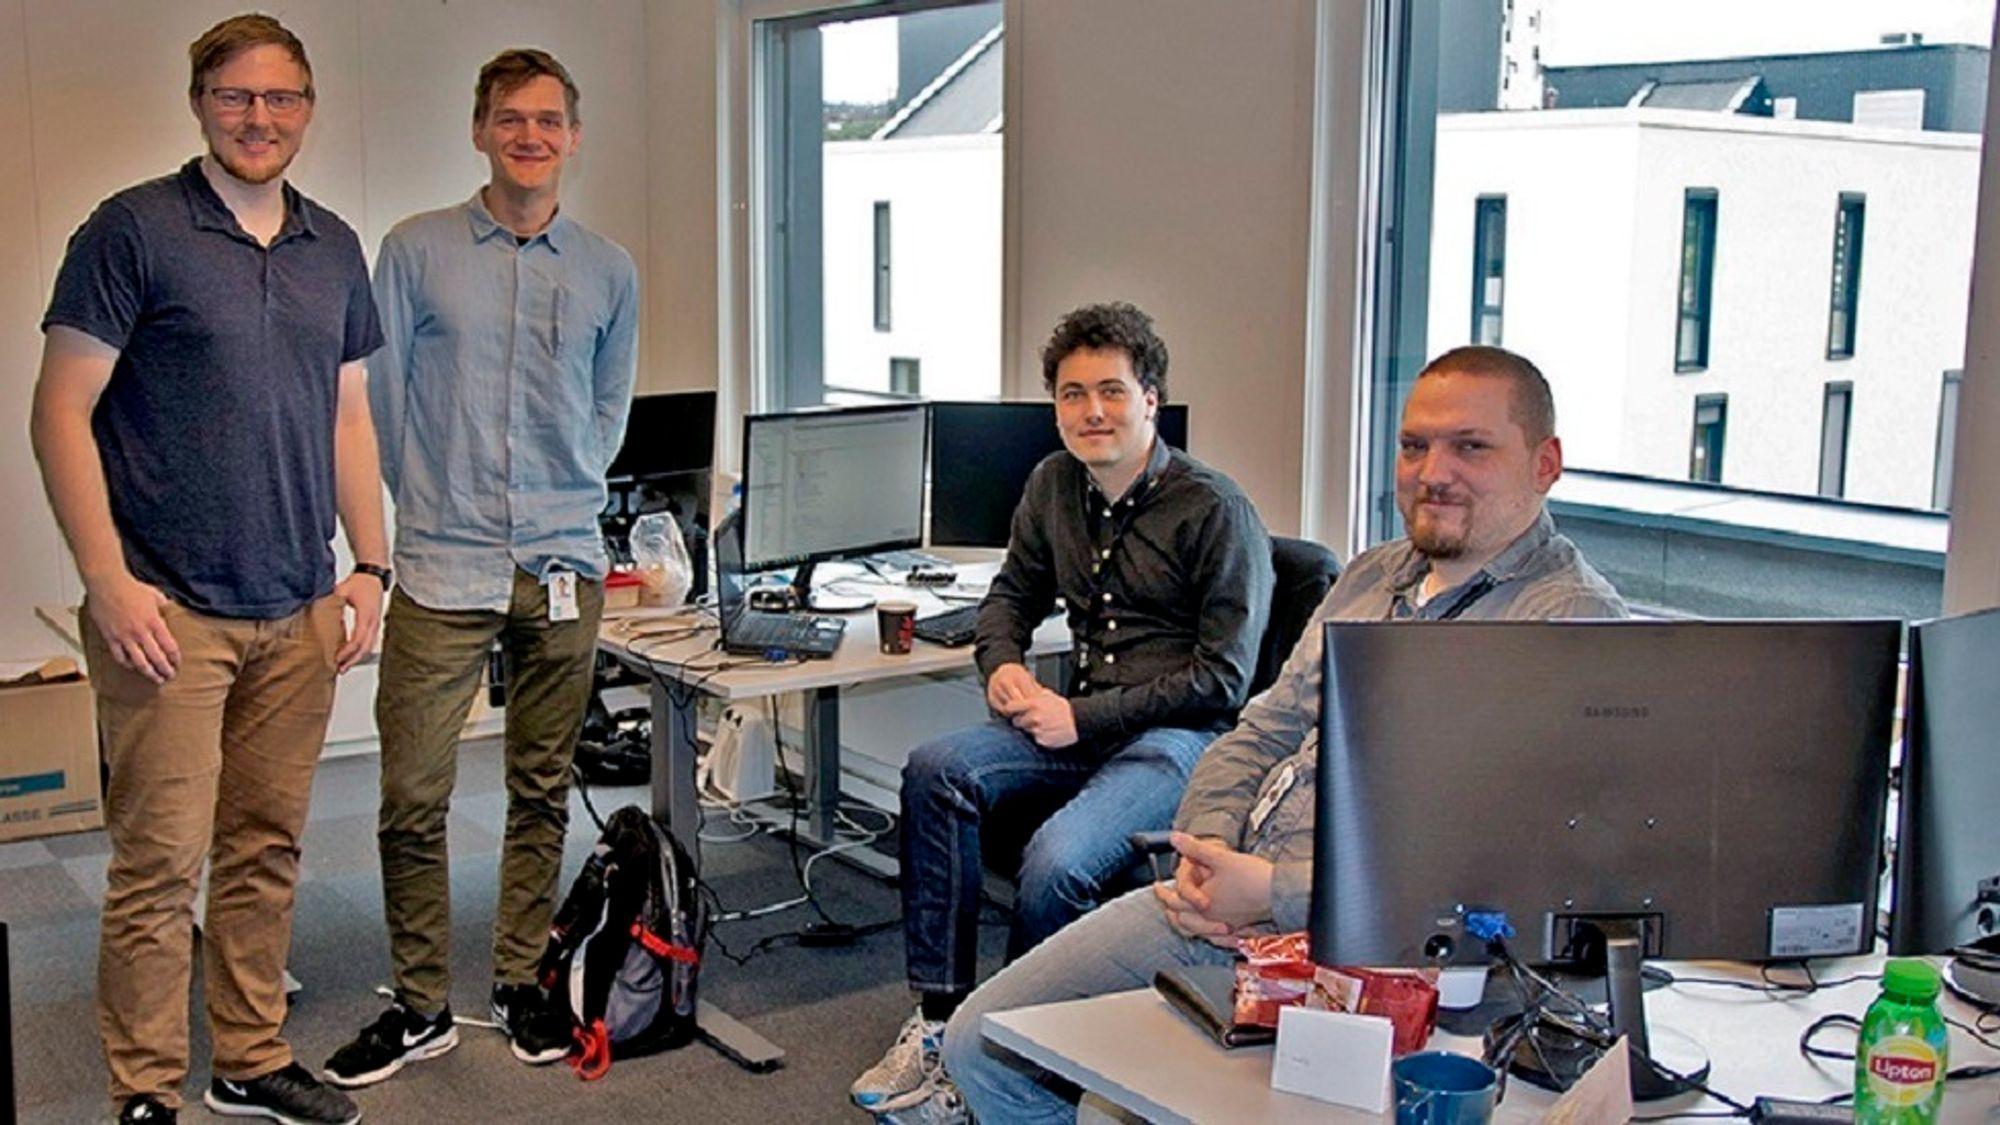 Øyvind Aarø, Dag Drejer, Andreas Risvaag og Kim Erling Rasmussen i Sensero, som får støtte til maskinlæring for å visualisere flyten av energi i strømnettet. Målet er å forstå hvor energi går tapt.